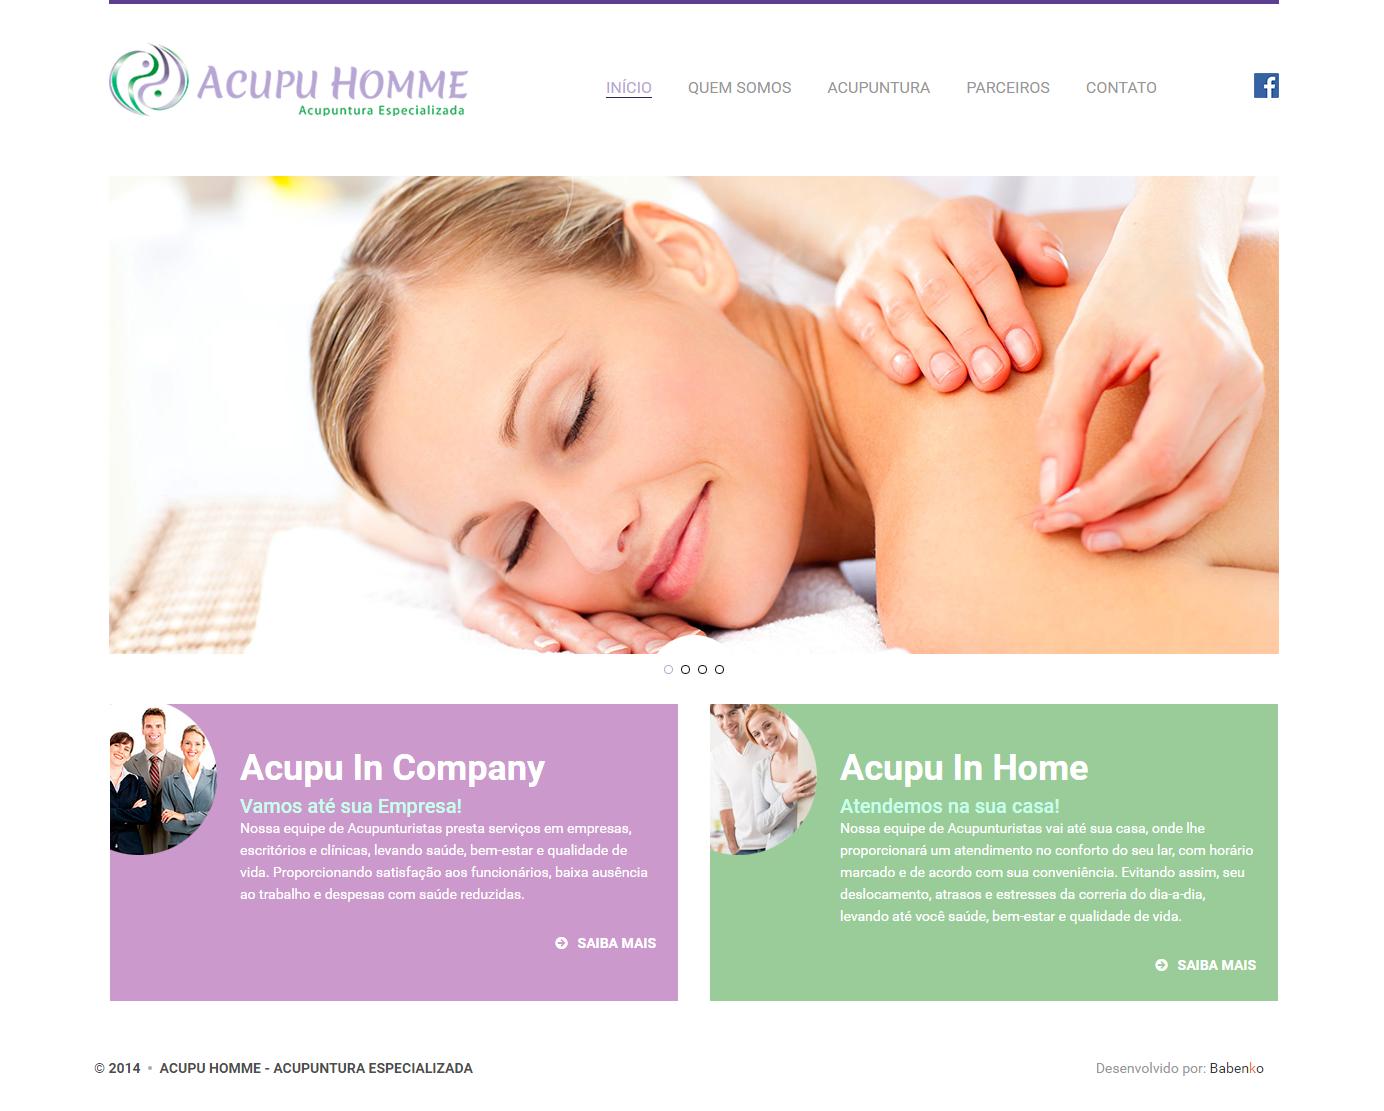 BABENKO agencia publicidade - Desenvolvimento Criação de Design de Sites AcupuHome